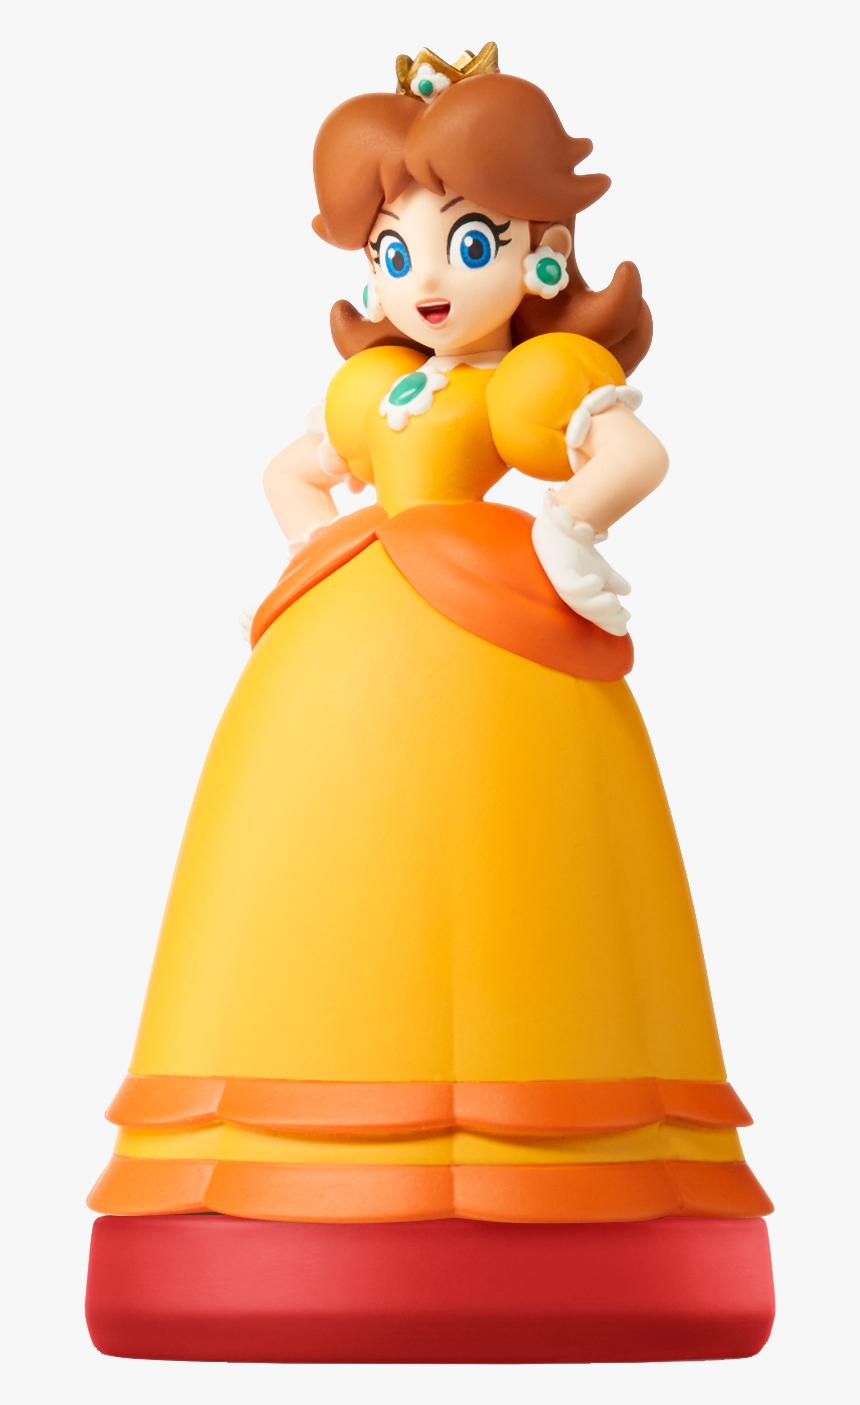 Daisy Super Mario Amiibo Daisy Amiibo Super Mario Hd Png